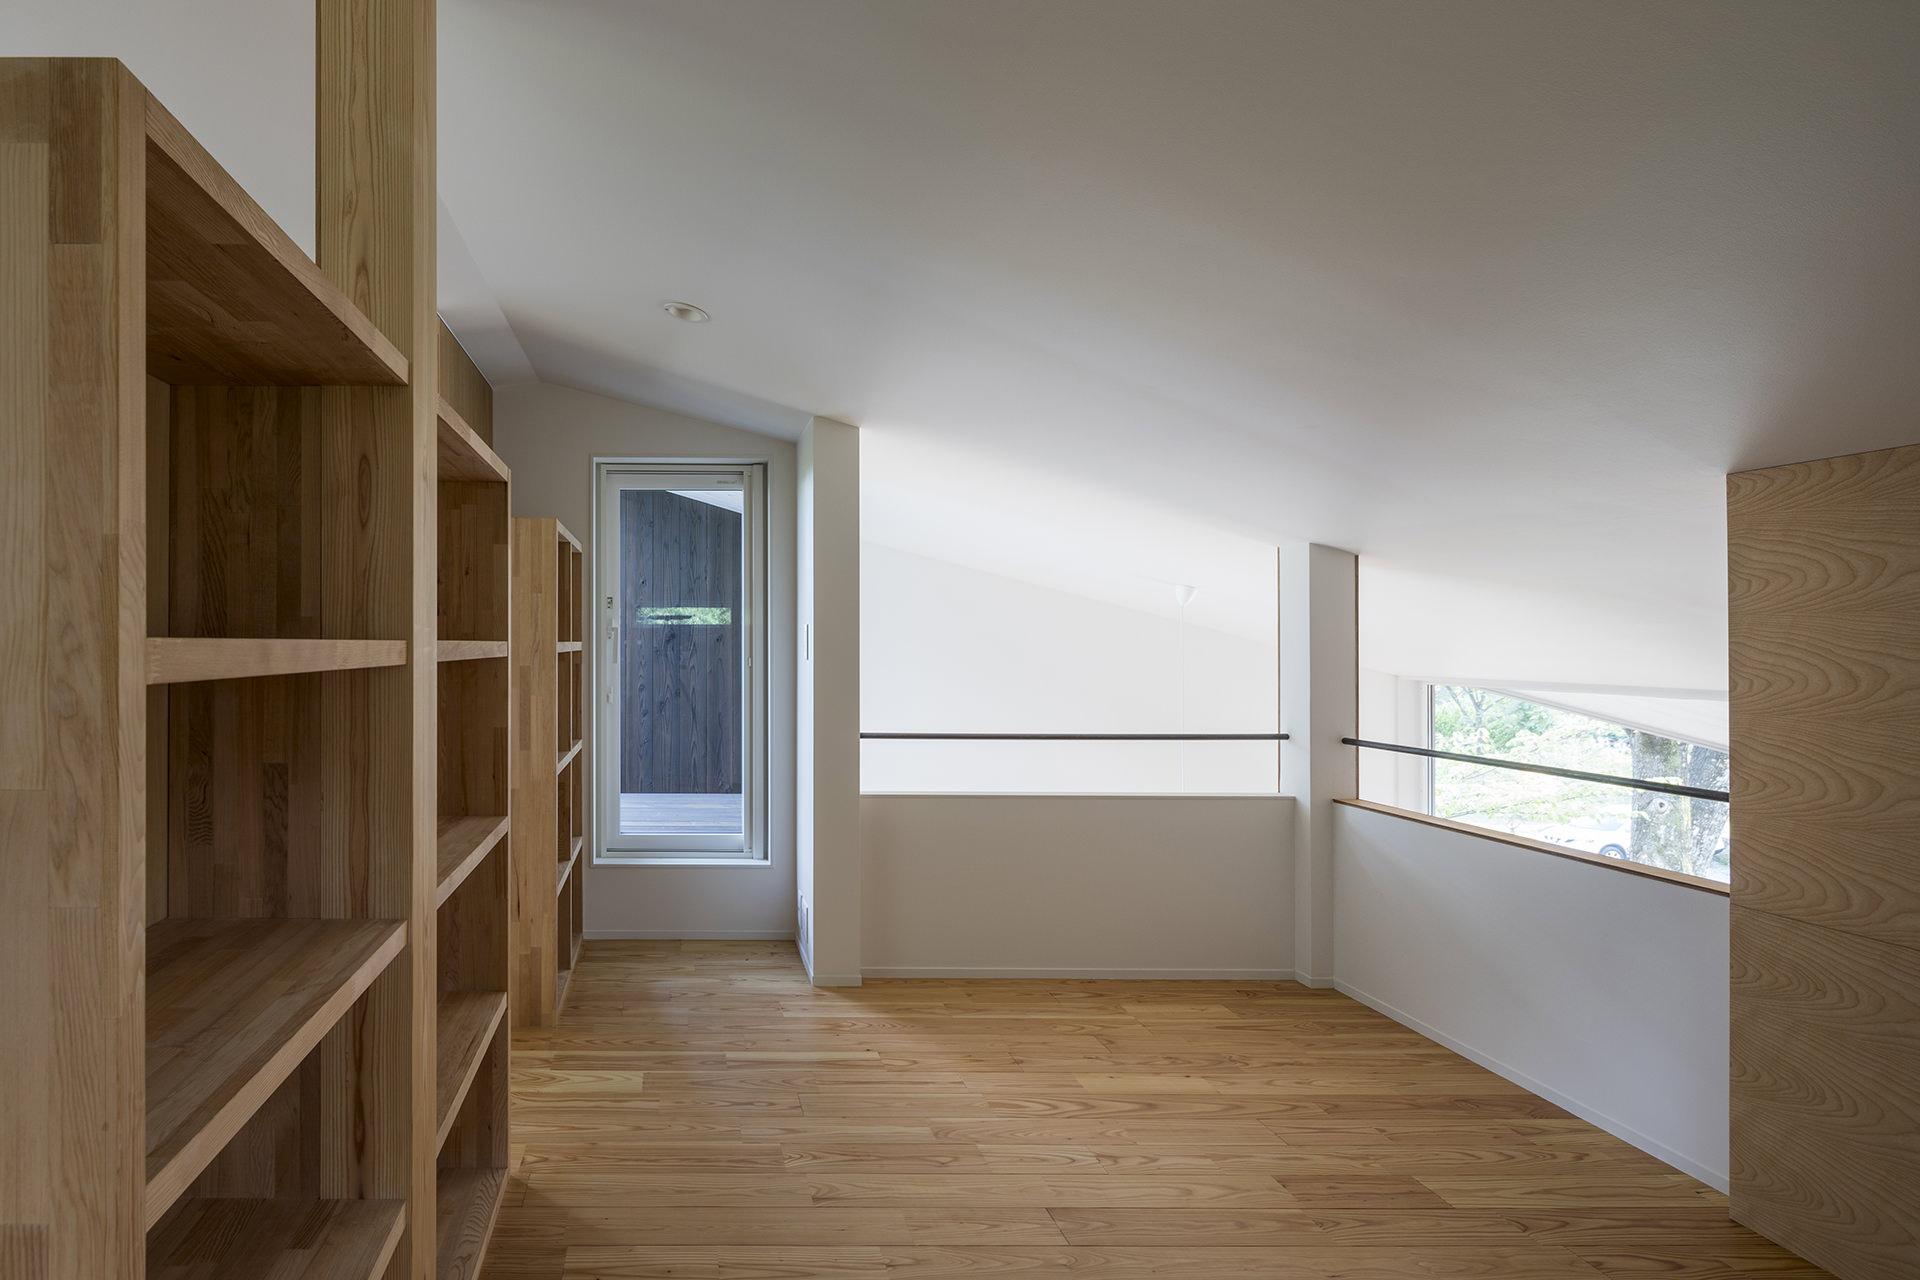 自然に寄り添う、アウトドアリビングをもつ大屋根の家 イメージ17 撮影:東涌写真事務所・東涌宏和